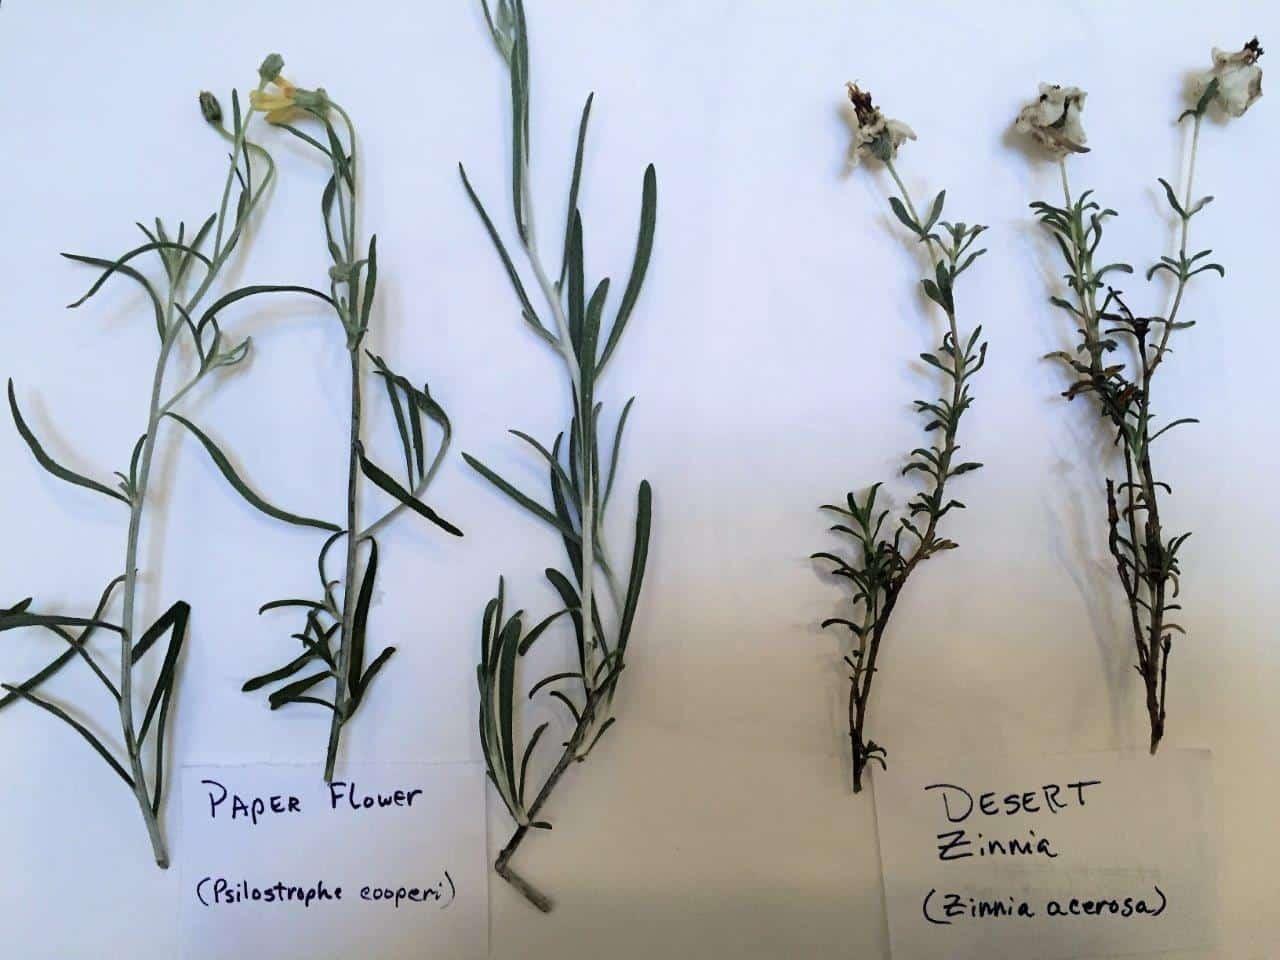 Desert Zinnia & Paper Flower 2